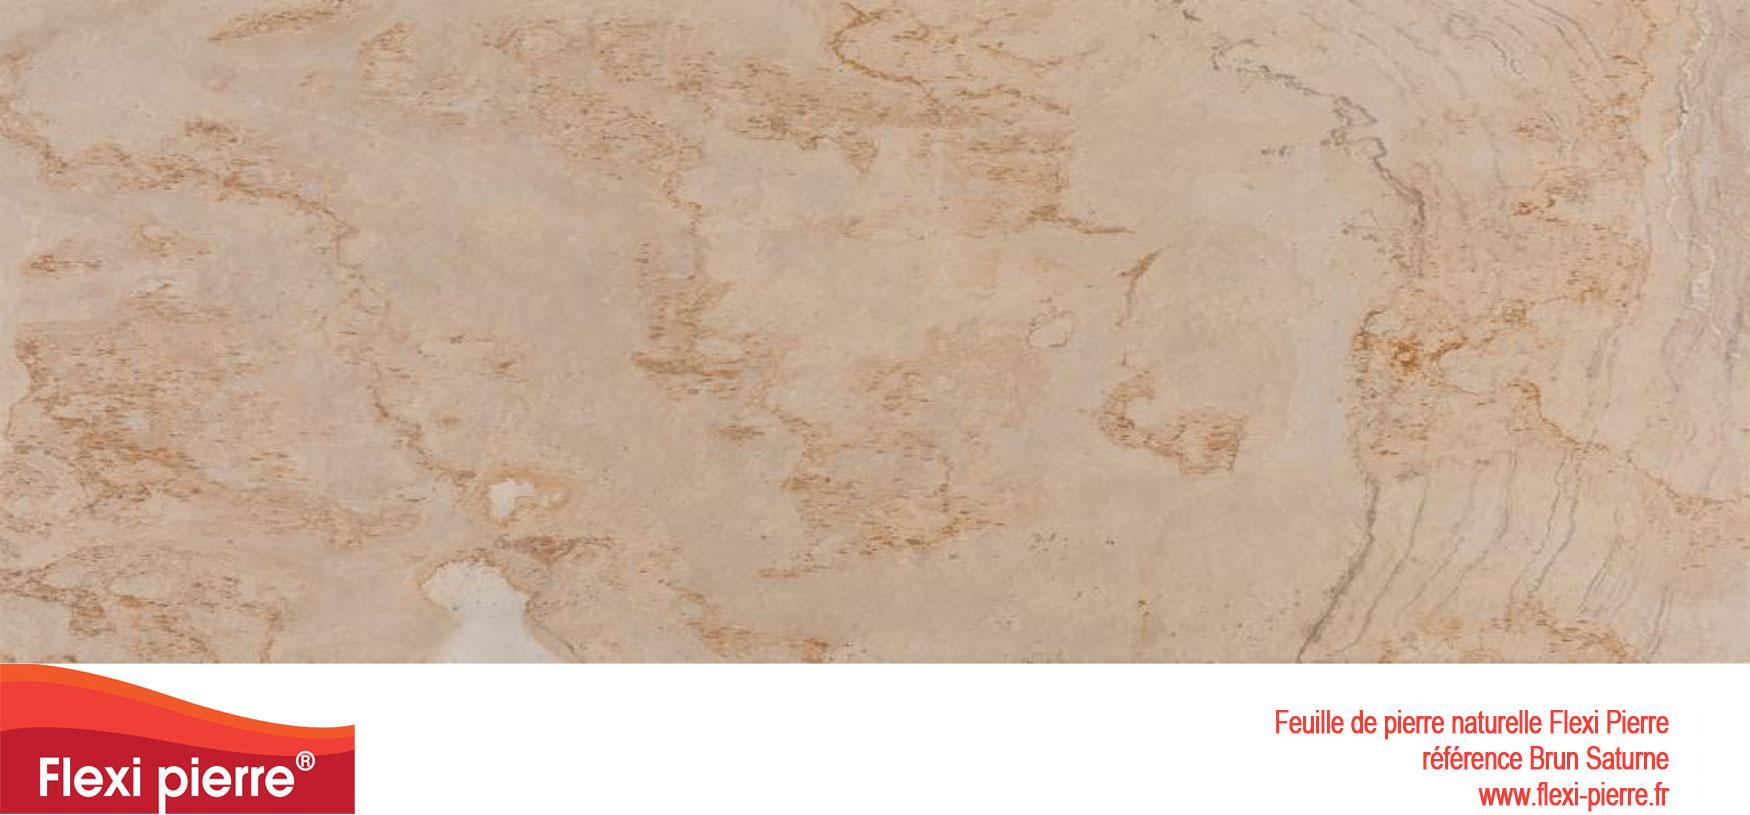 Feuille de pierre Flexi-Pierre, référence Brun Saturne. Cliquez pour agrandir.